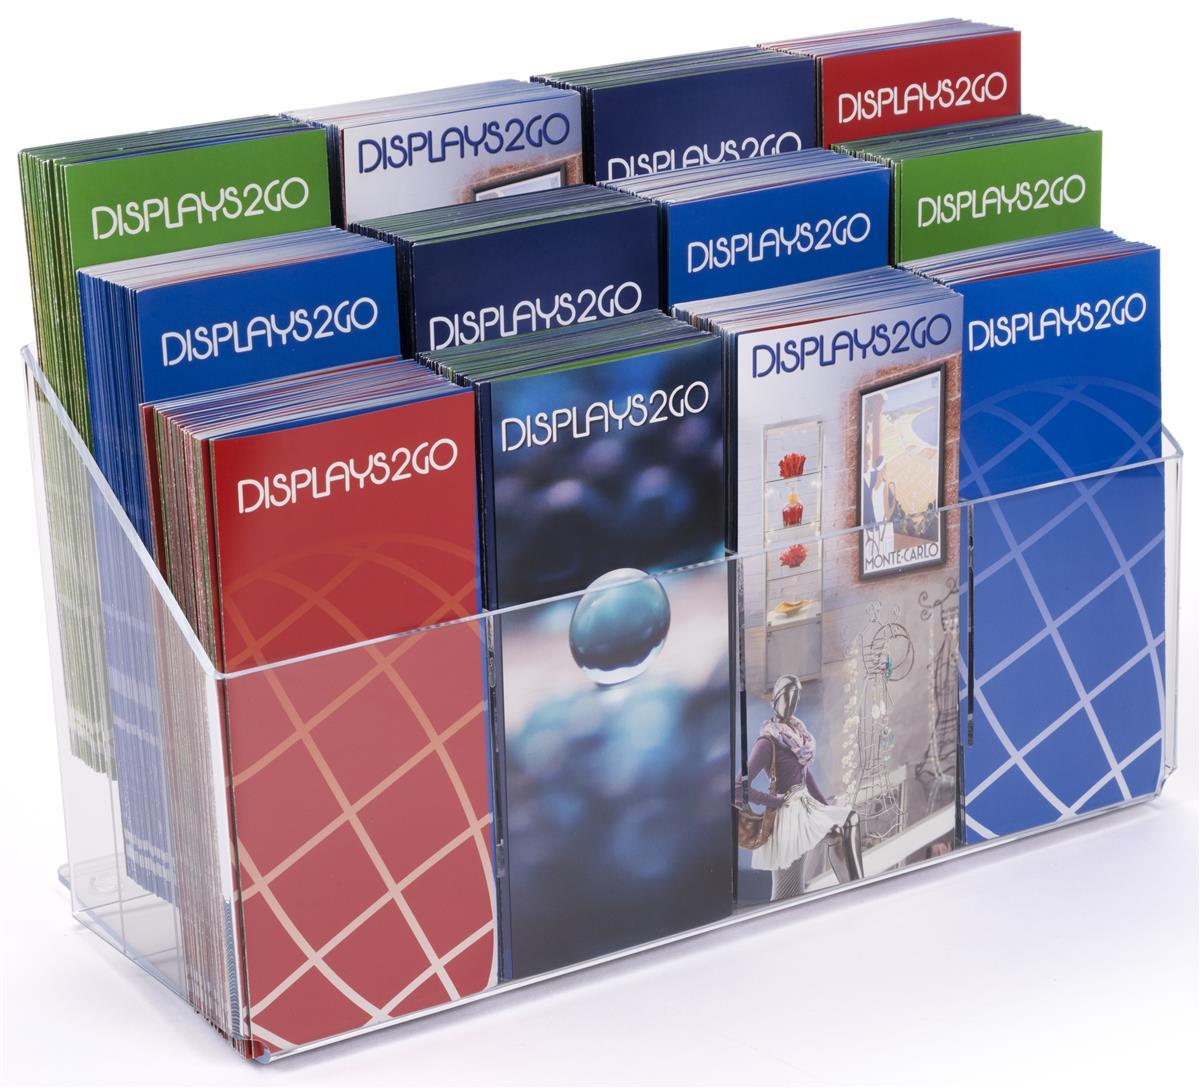 acrylic pamphlet dispenser clear 12pocket leaflet holder